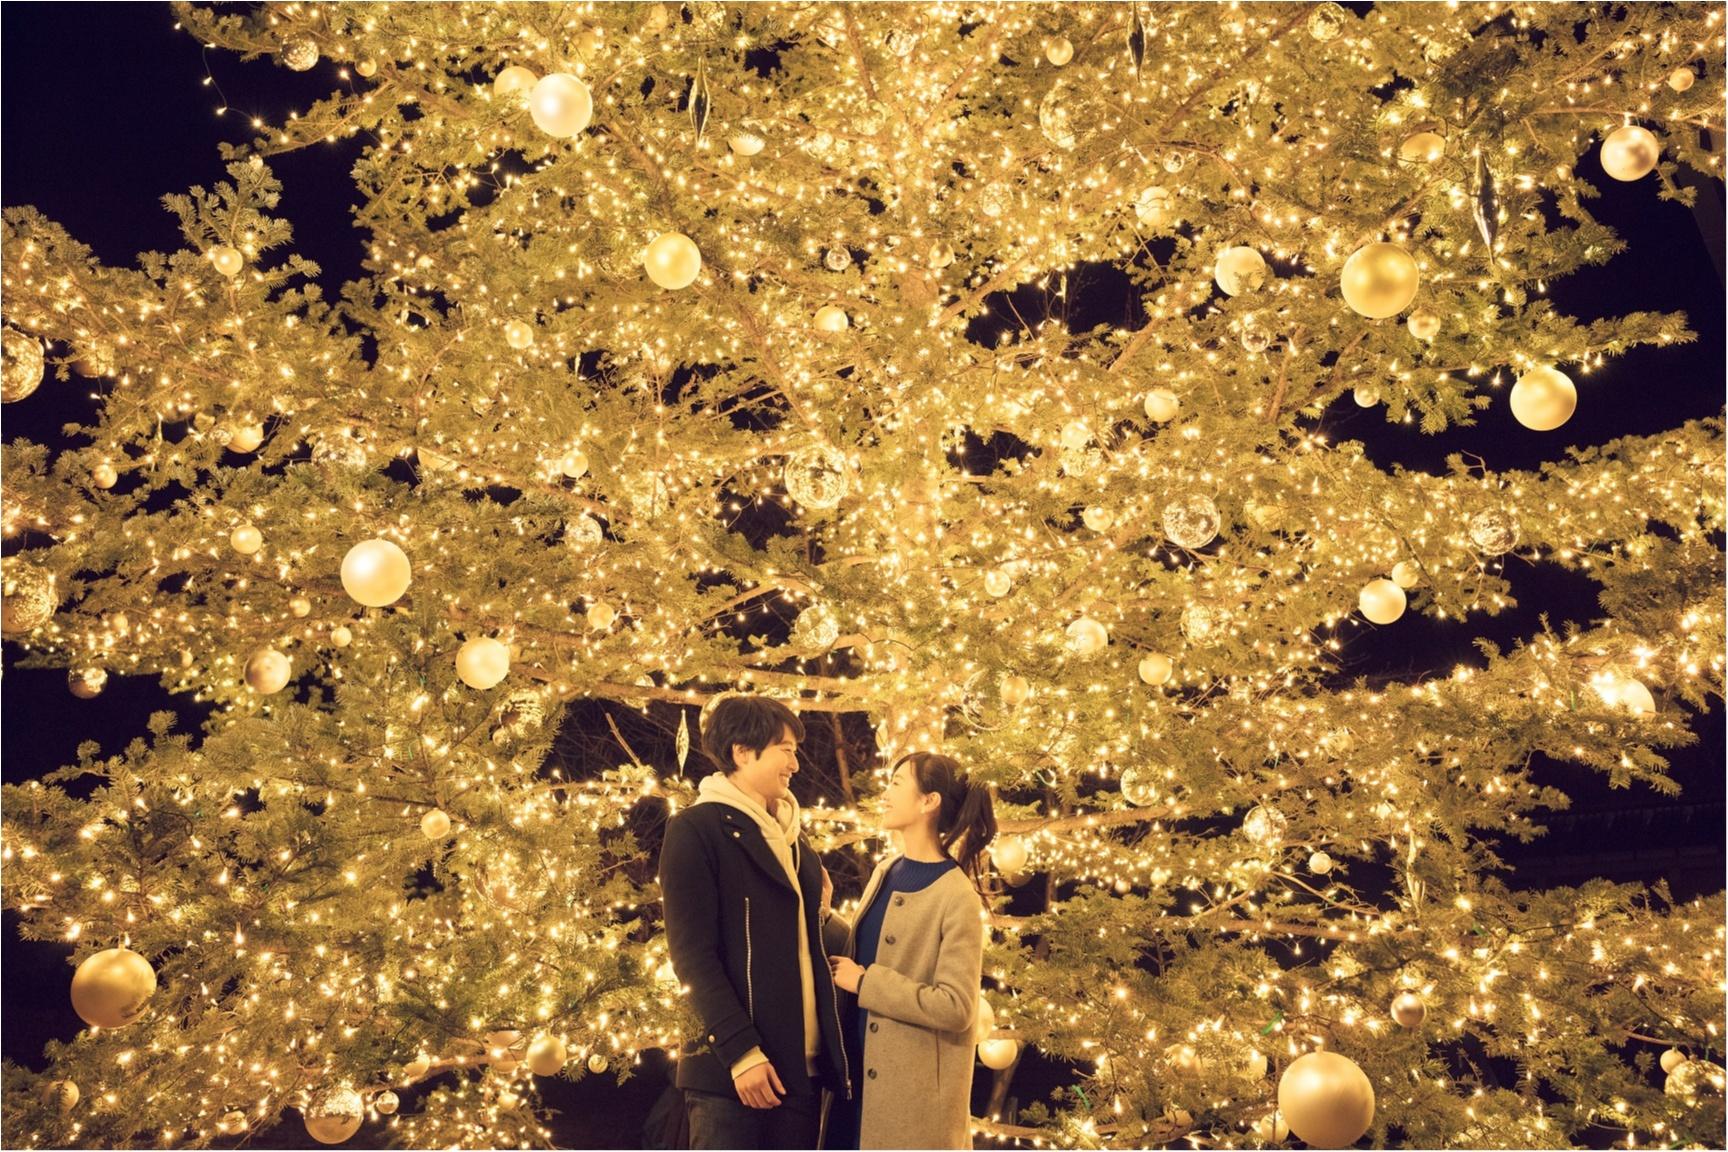 クリスマスは『星野リゾート 軽井沢ブレストンコート』でリッチなスイーツコースを食べてみない? 隣接の『軽井沢高原教会』ではキャンドルナイトも♡_3